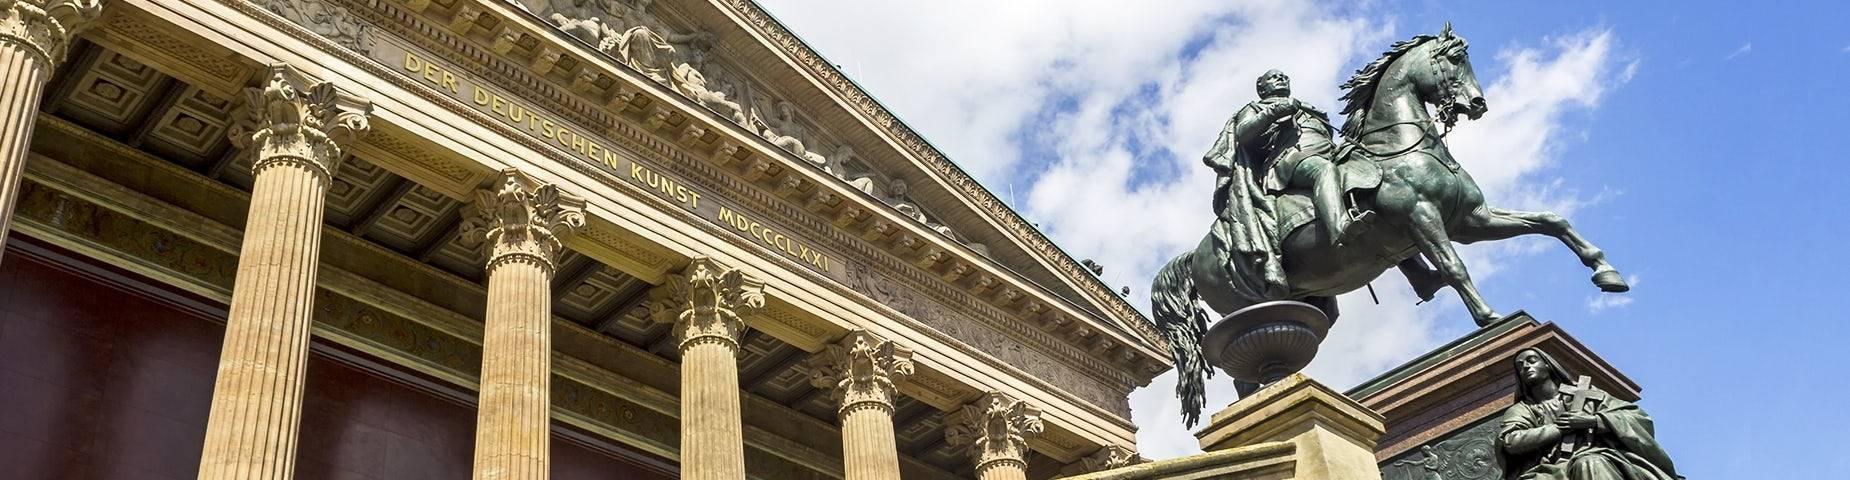 Пергамский музей в берлине